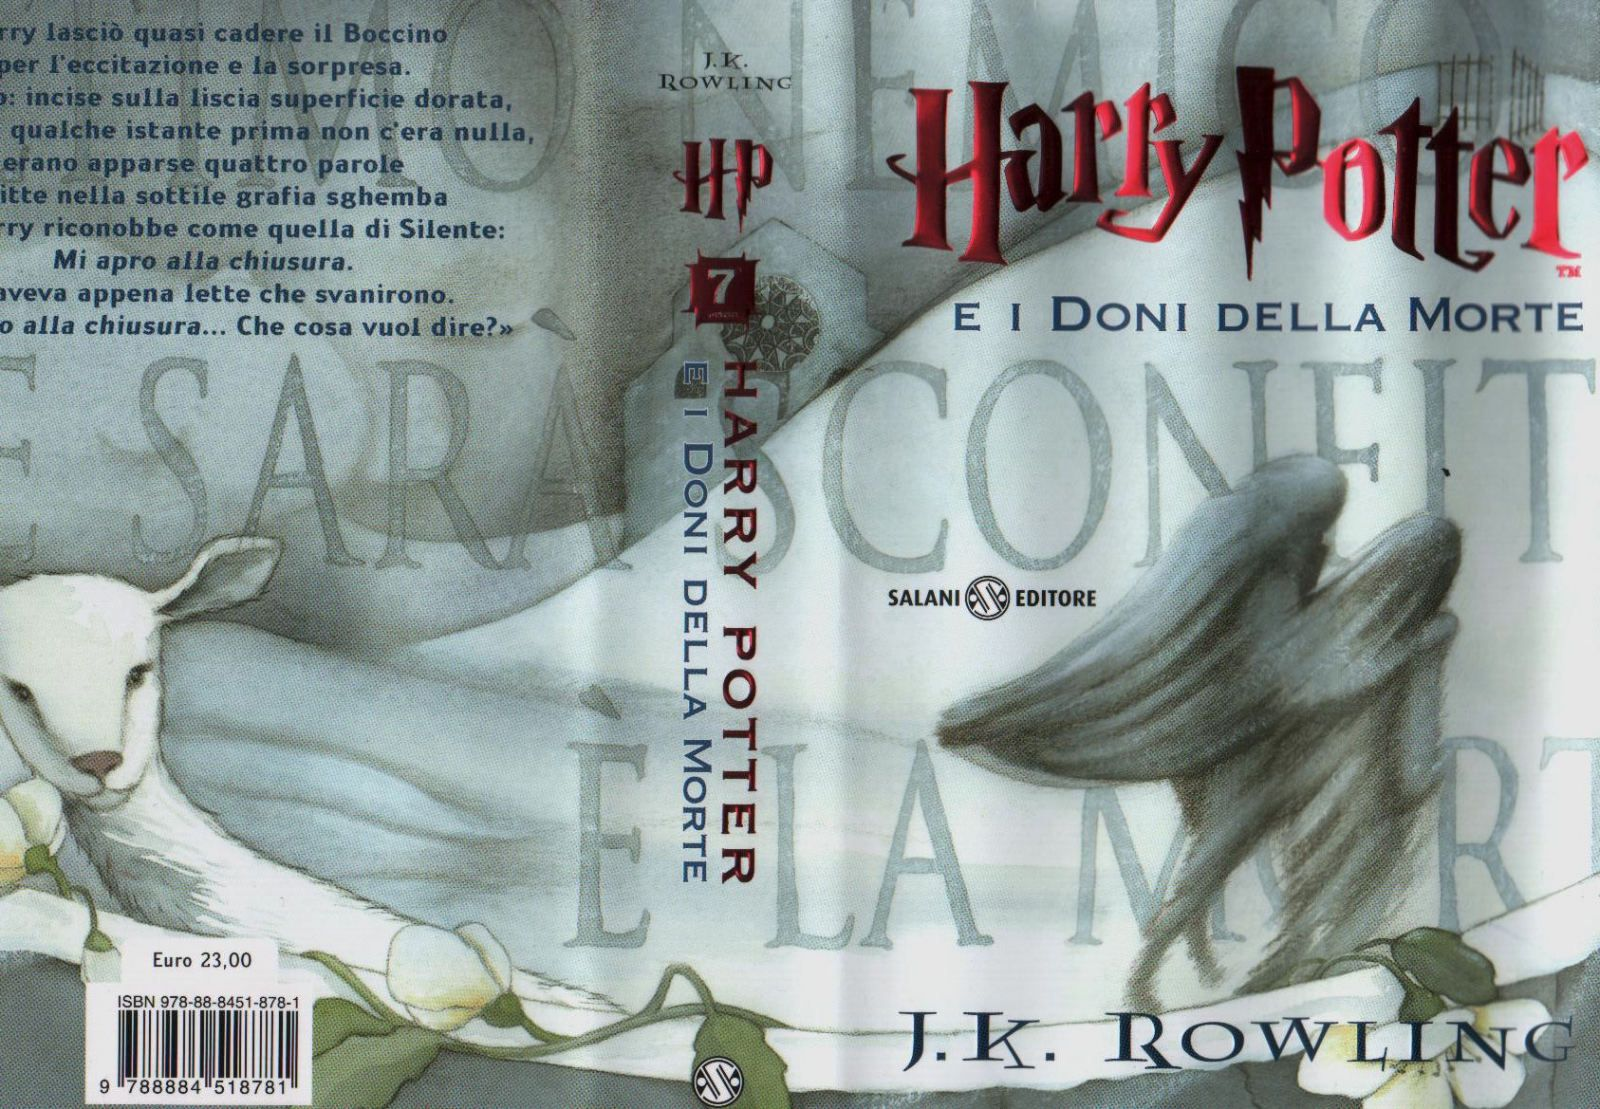 copertina italiana di harry potter e i doni della morte - libro 7 italia.jpg (1600×1109)